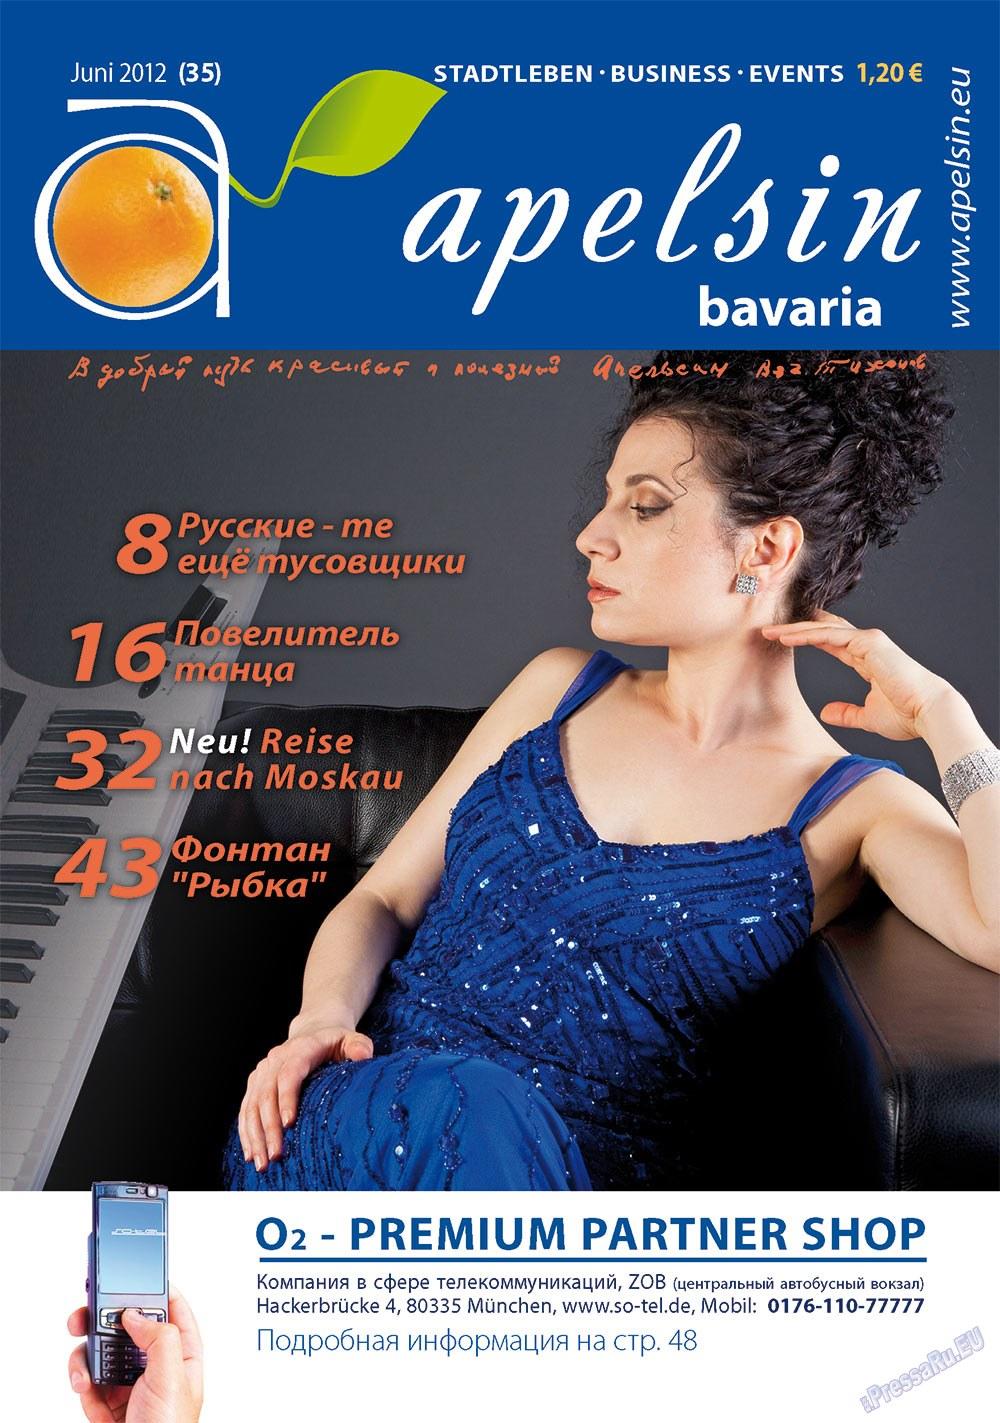 Апельсин (журнал). 2012 год, номер 35, стр. 1